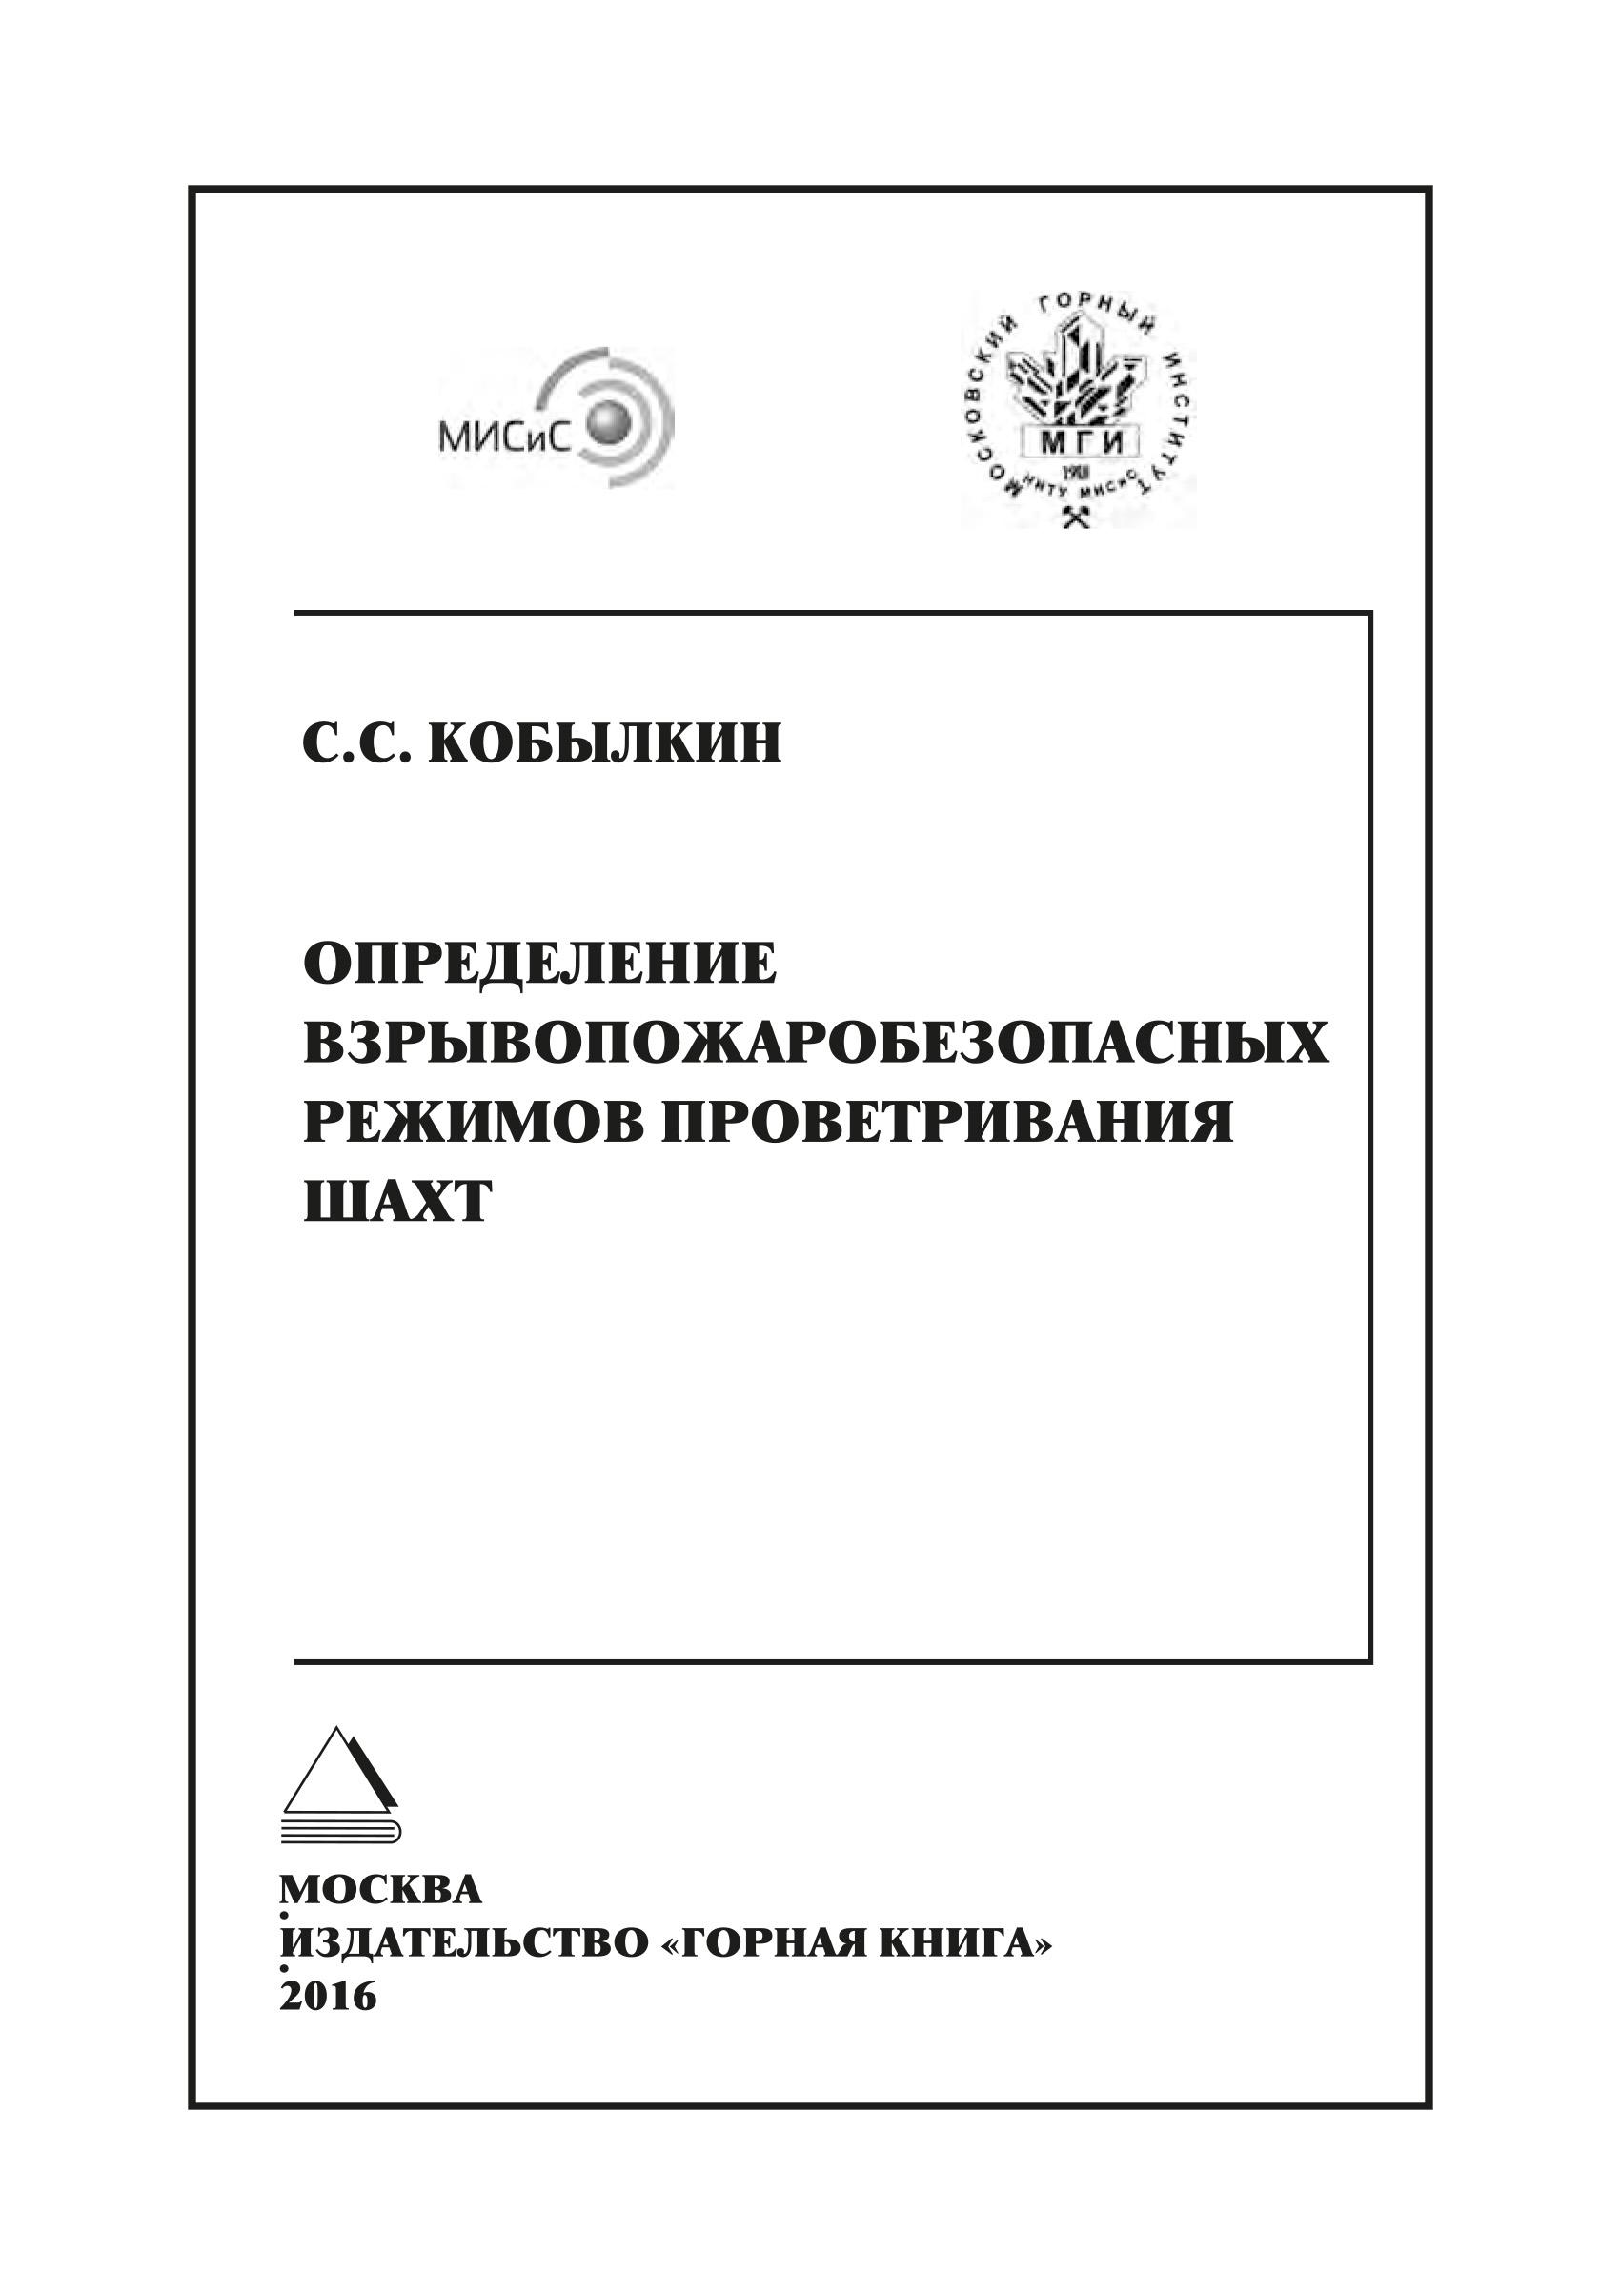 С. С. Кобылкин Определение взрывопожаробезопасных режимов проветривания шахт